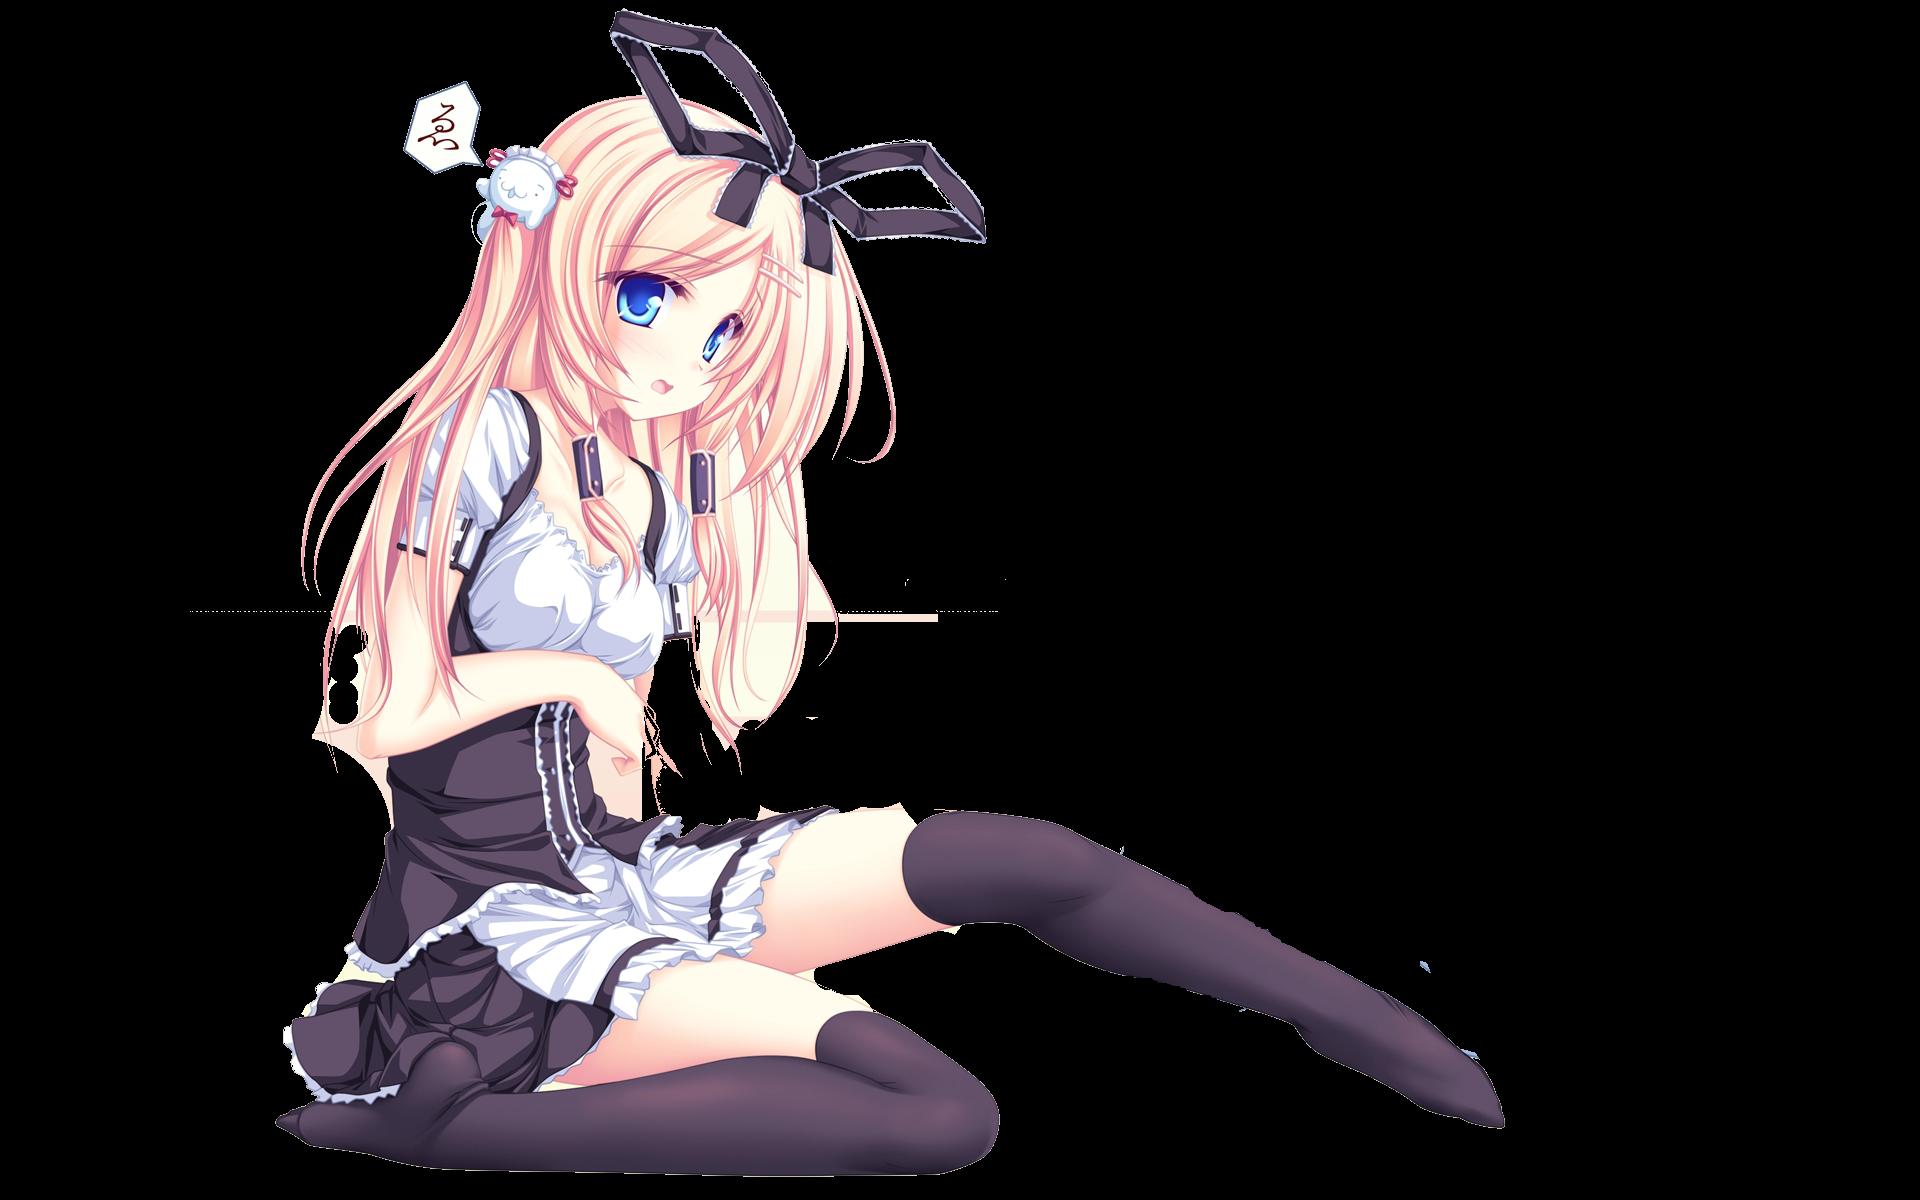 Anime PNG - 7624